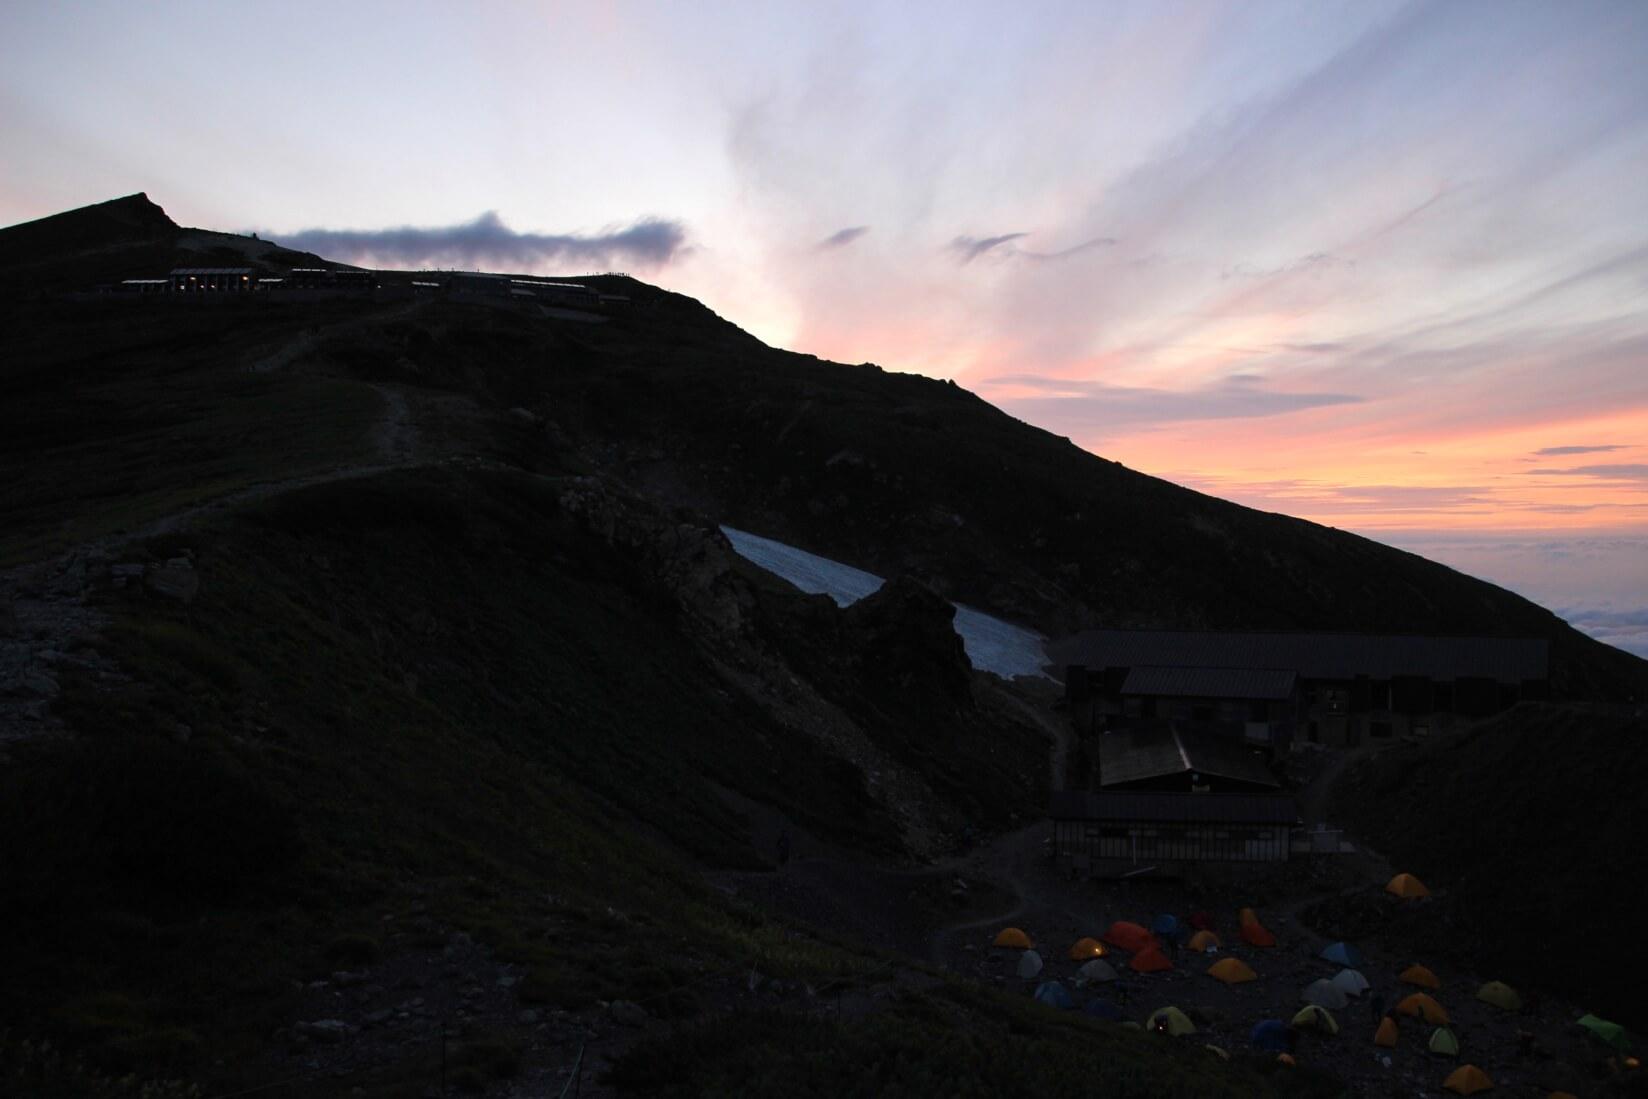 早朝の白馬岳と白馬岳頂上宿舎テント場